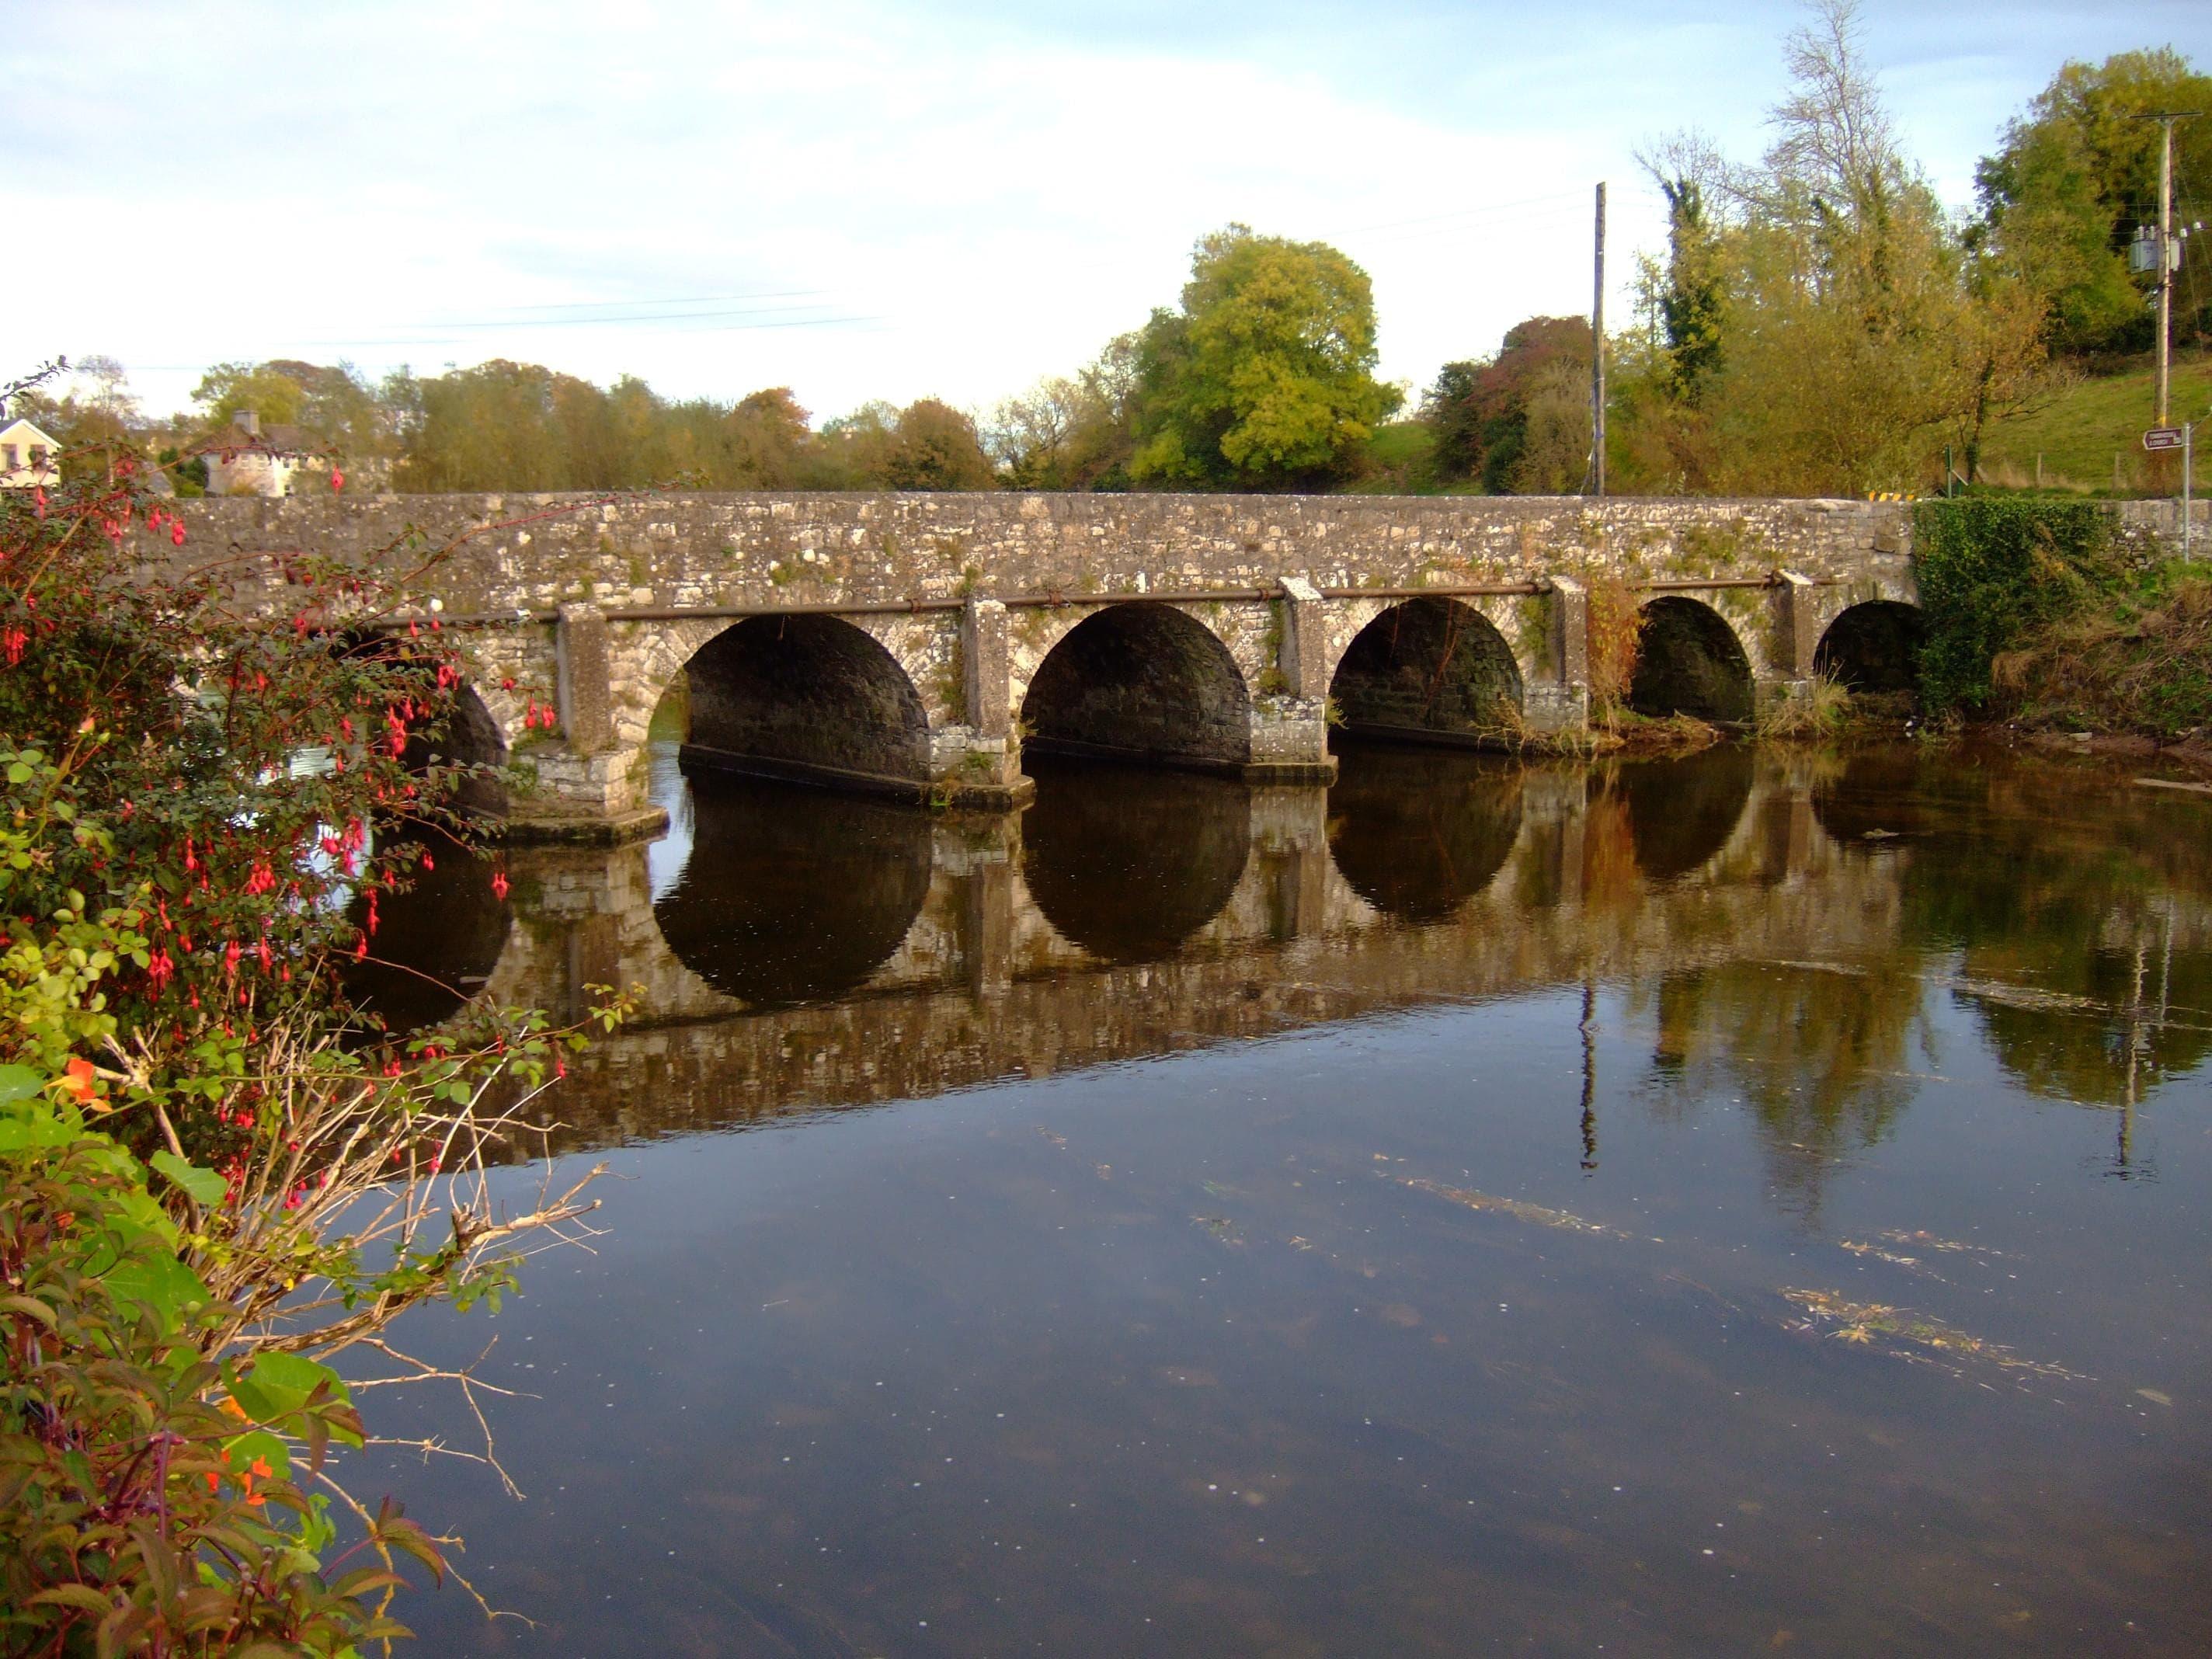 Bridge in Bruree